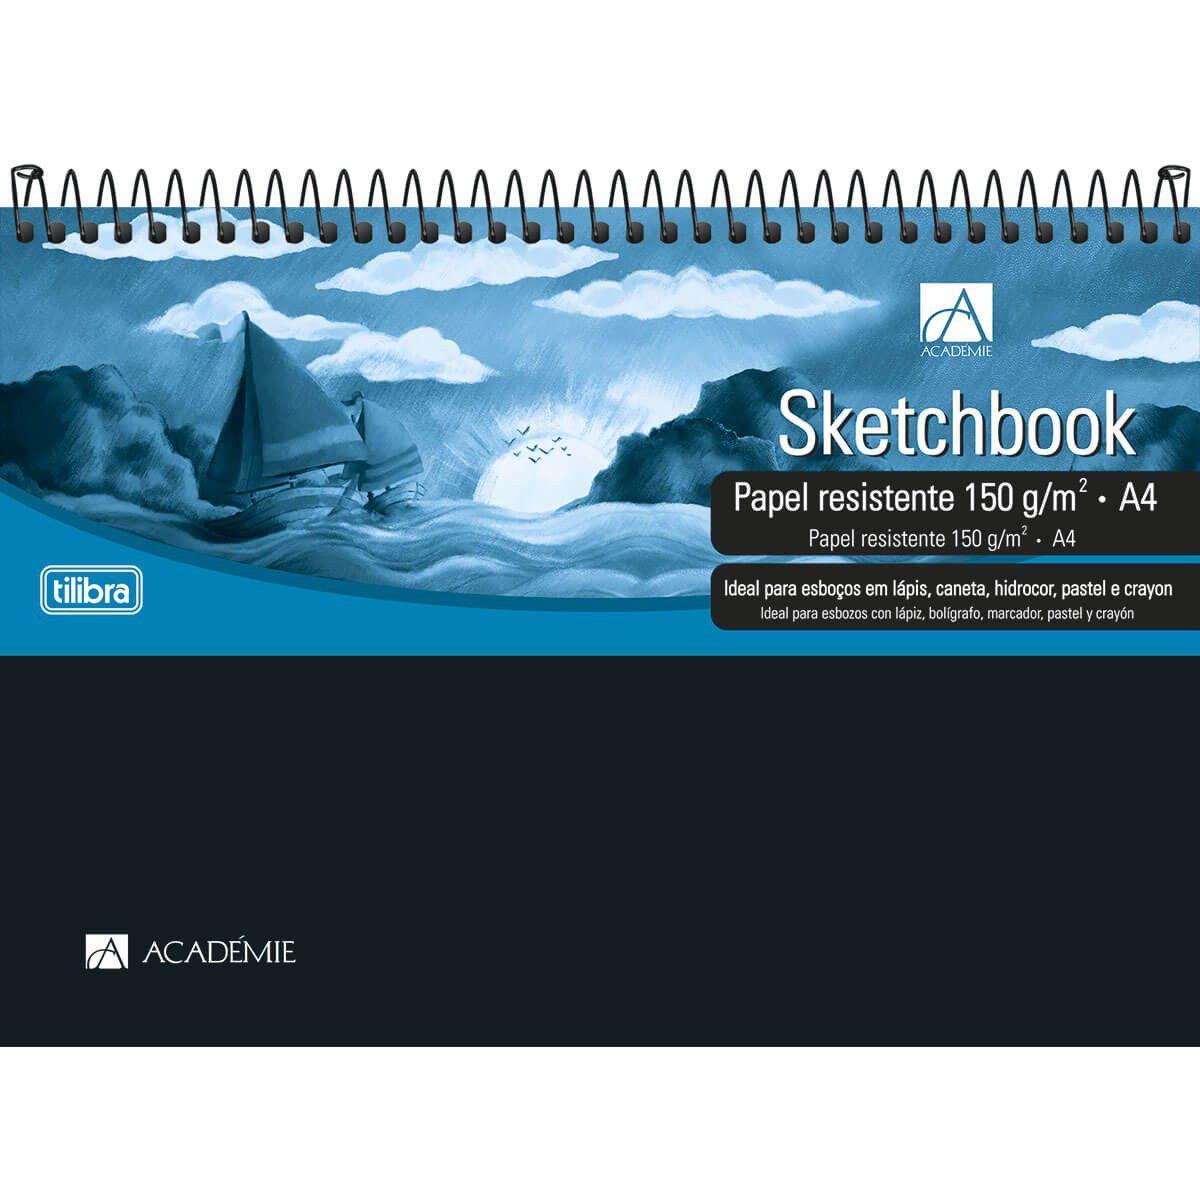 Caderno Sketchbook A4 150g/m²